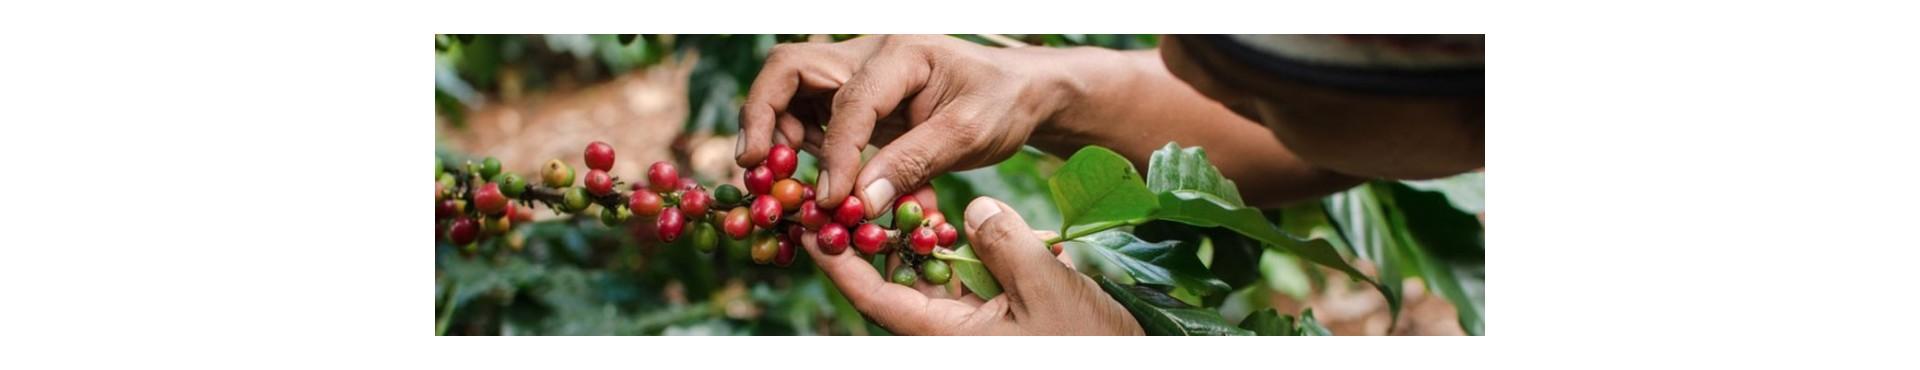 Cafe organico gourmet arabica